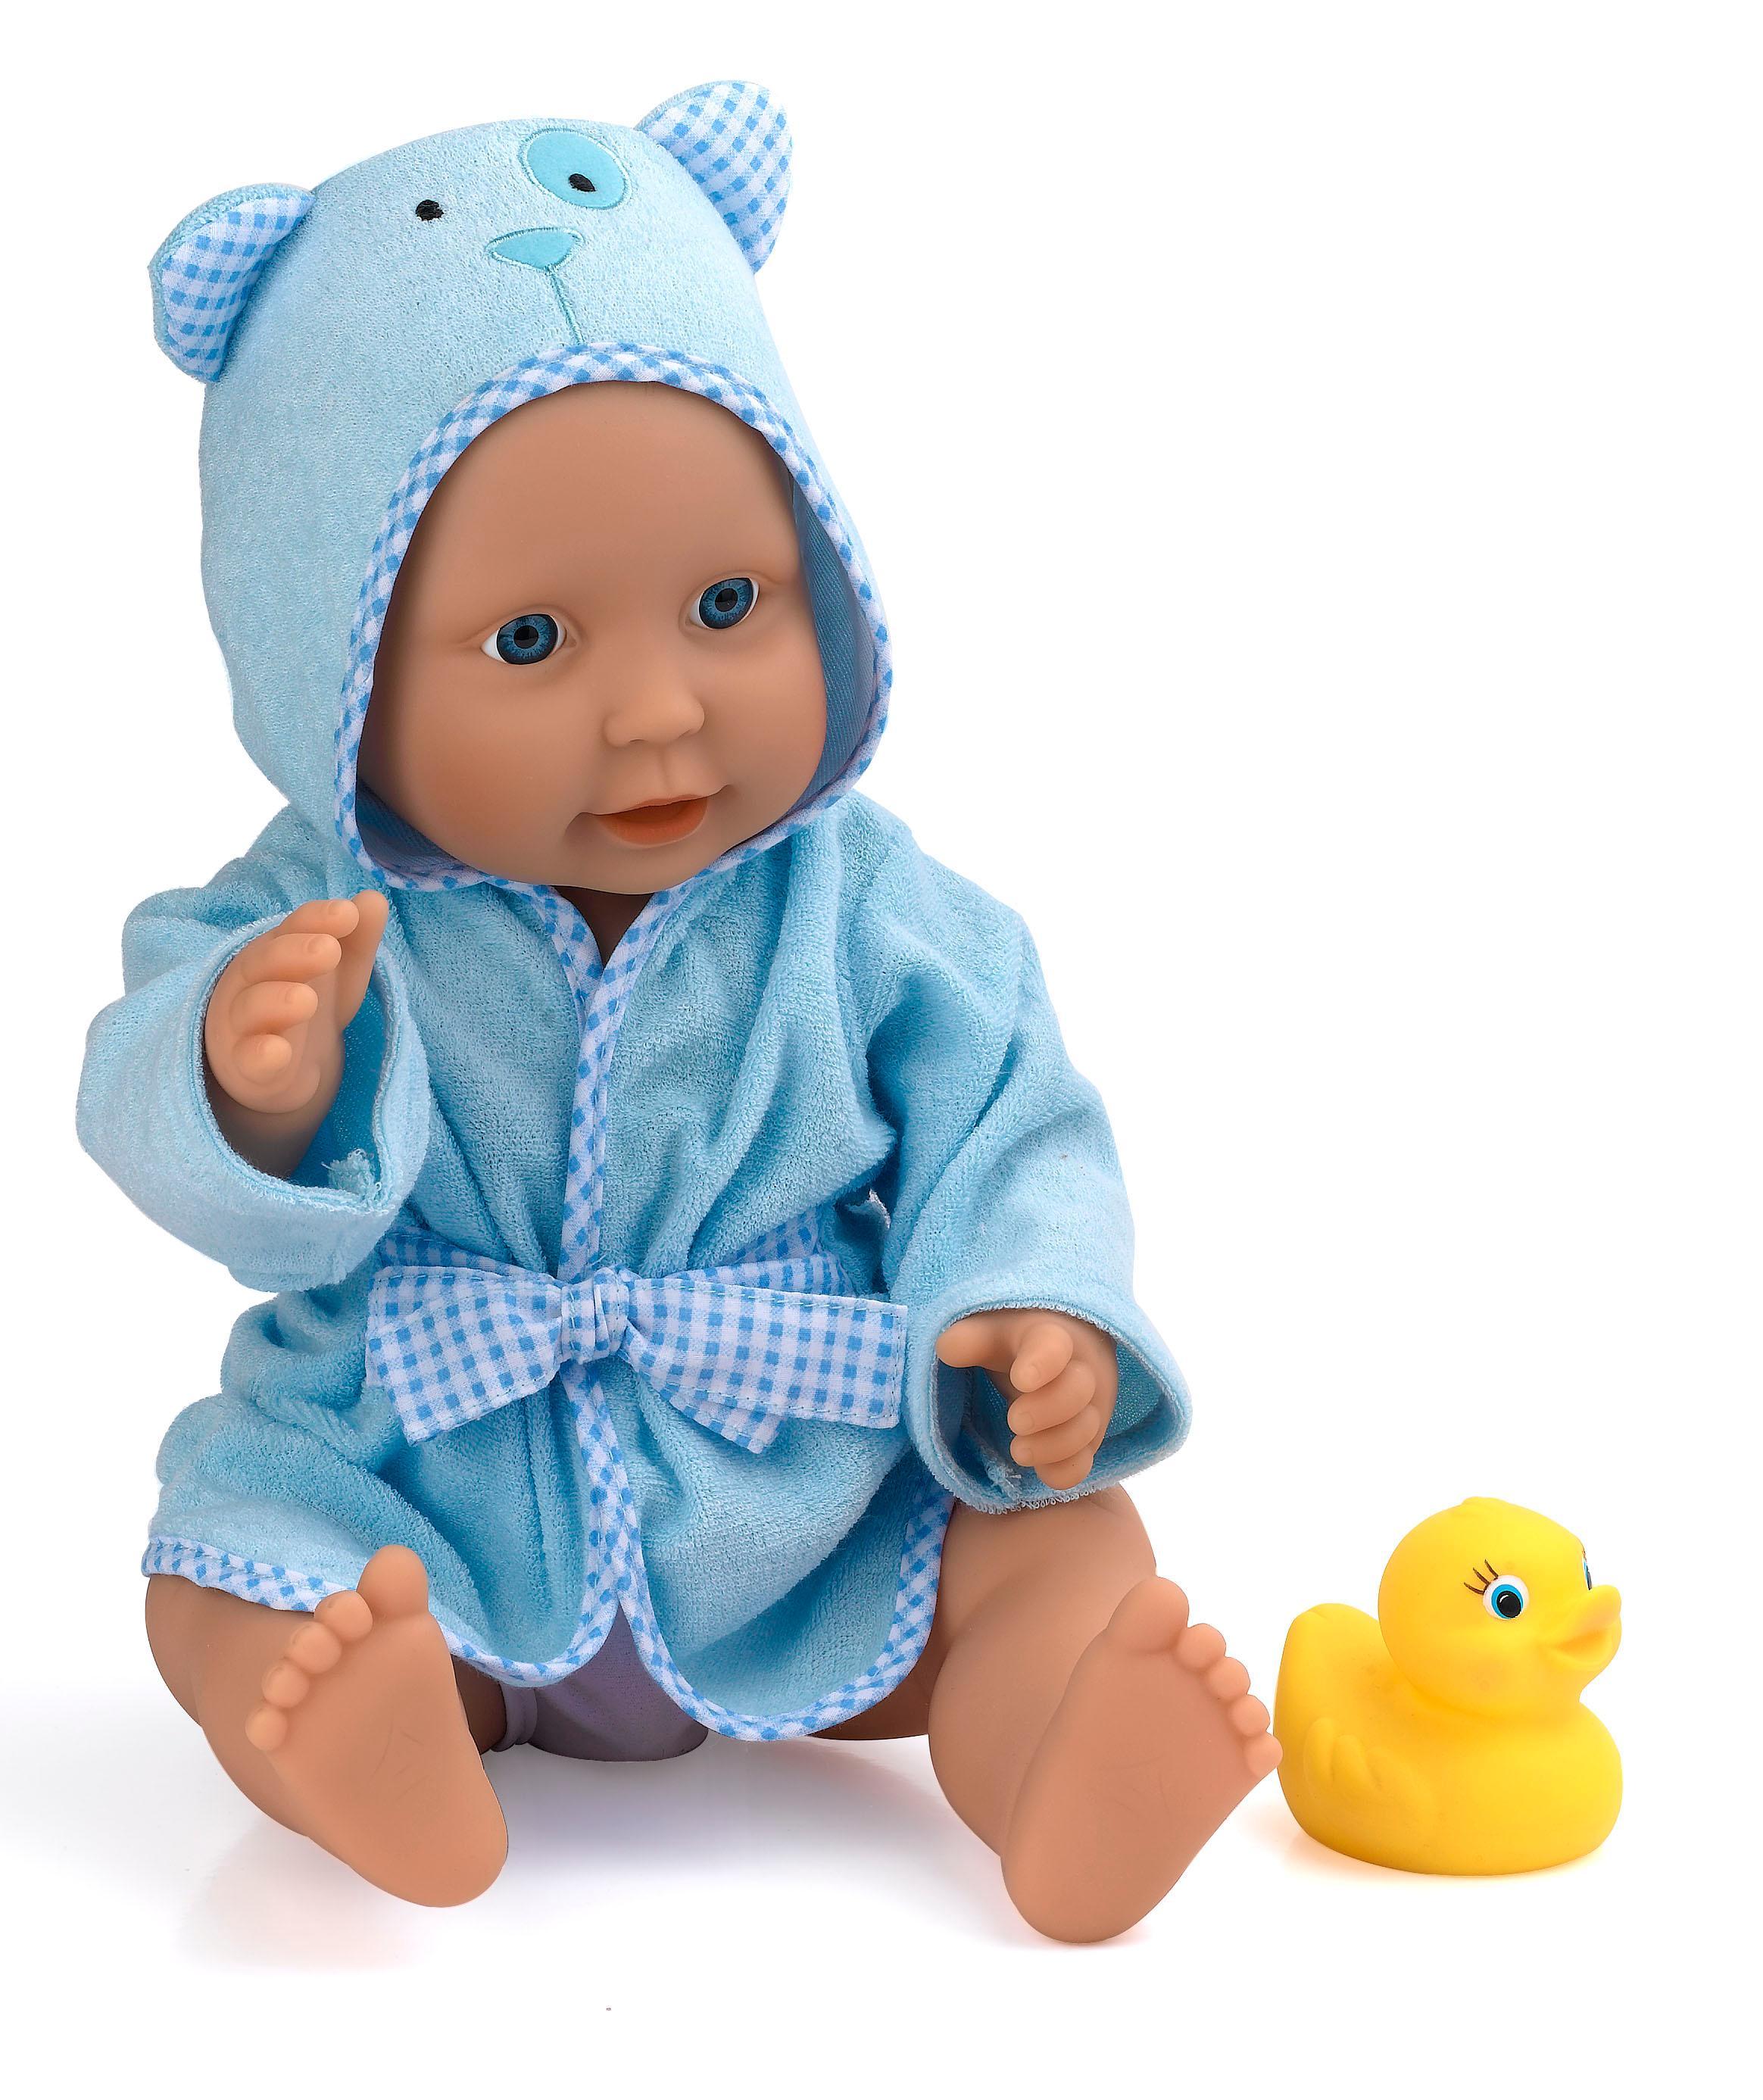 Dolls World Splash Time Baby Boy Amazon Toys & Games